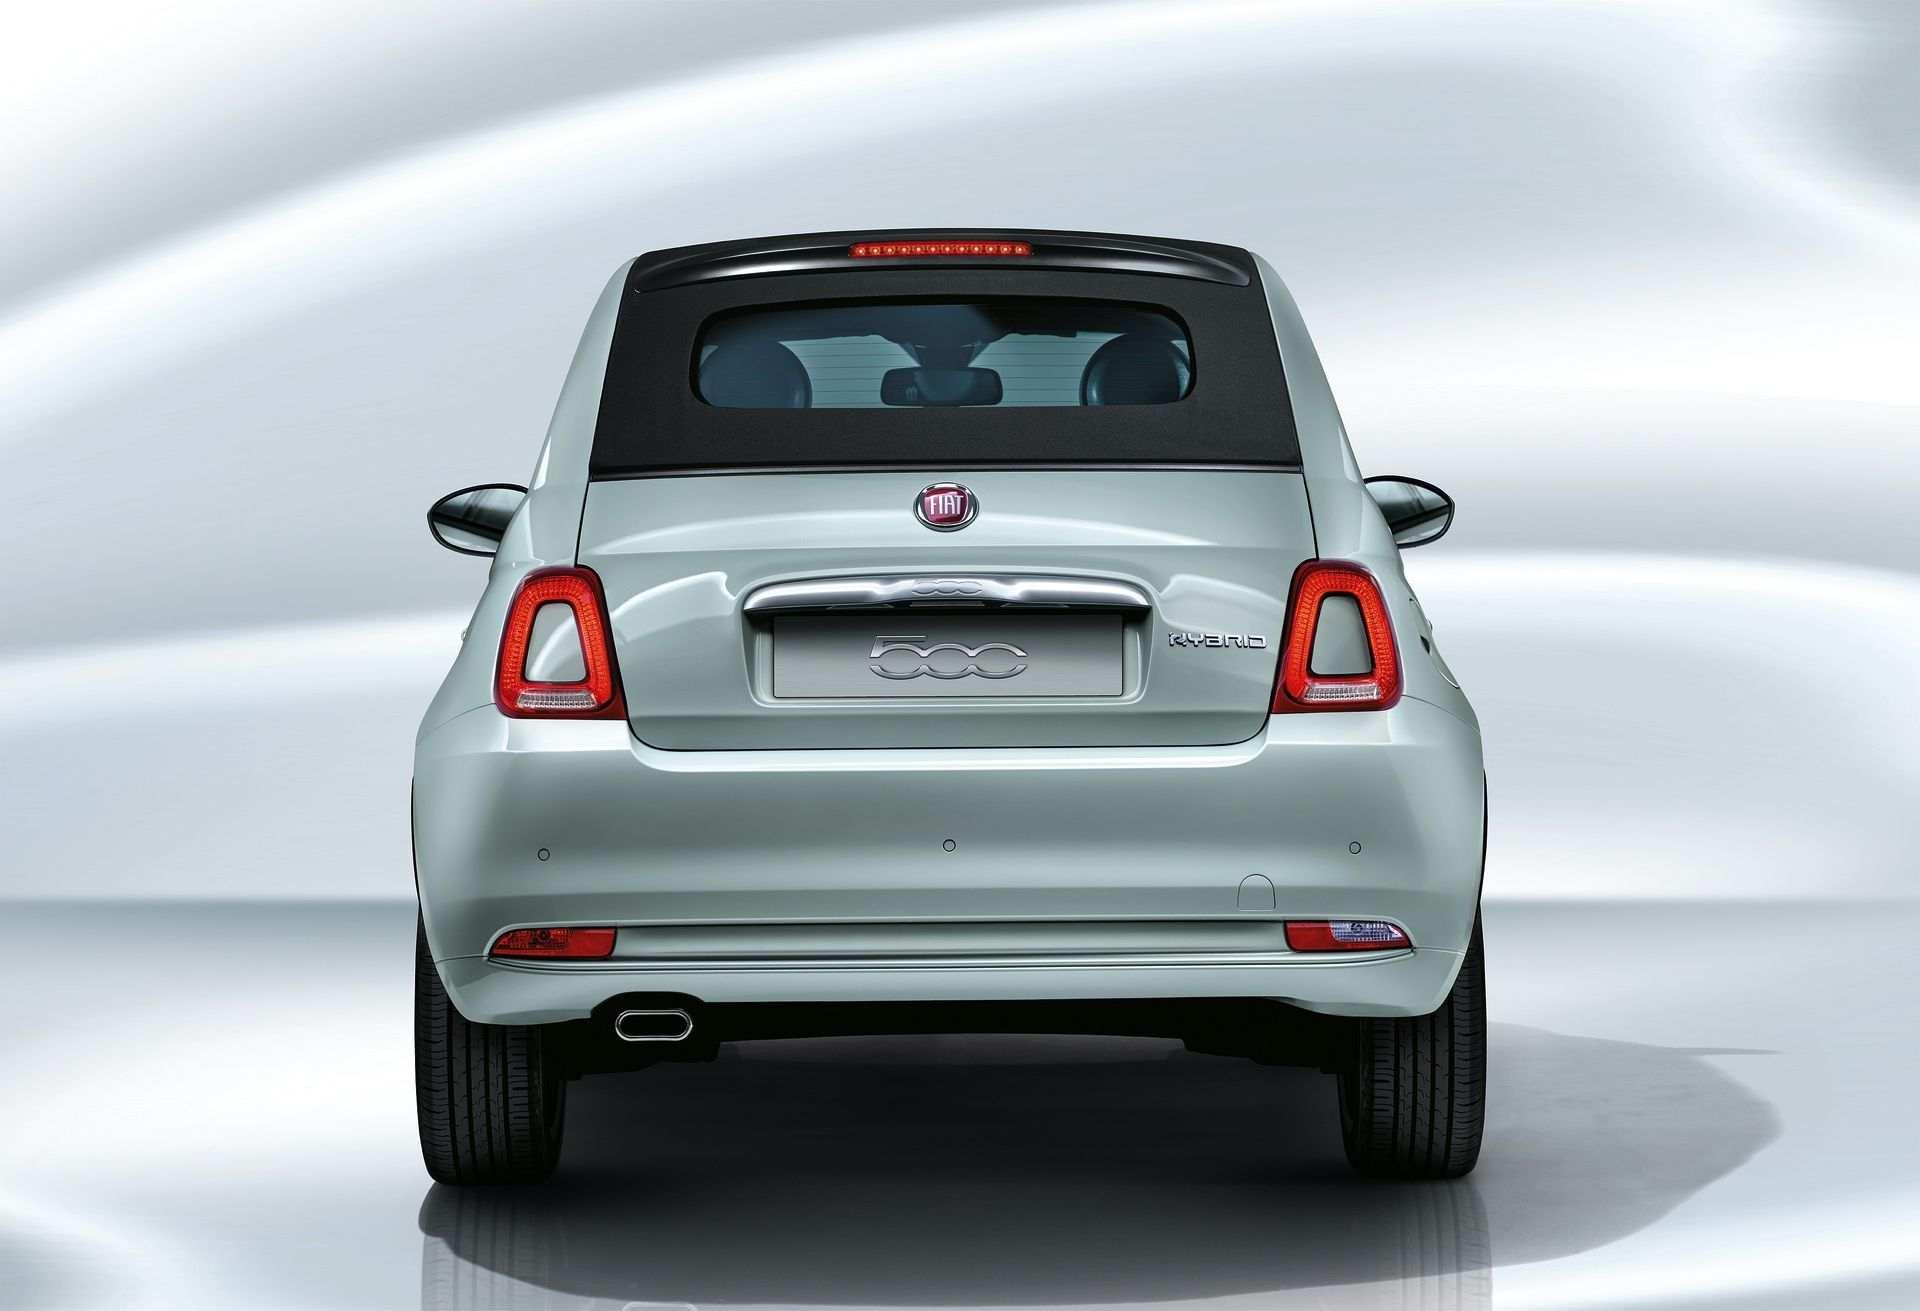 200108_Fiat_500-Hybrid-Launch-Edition_07